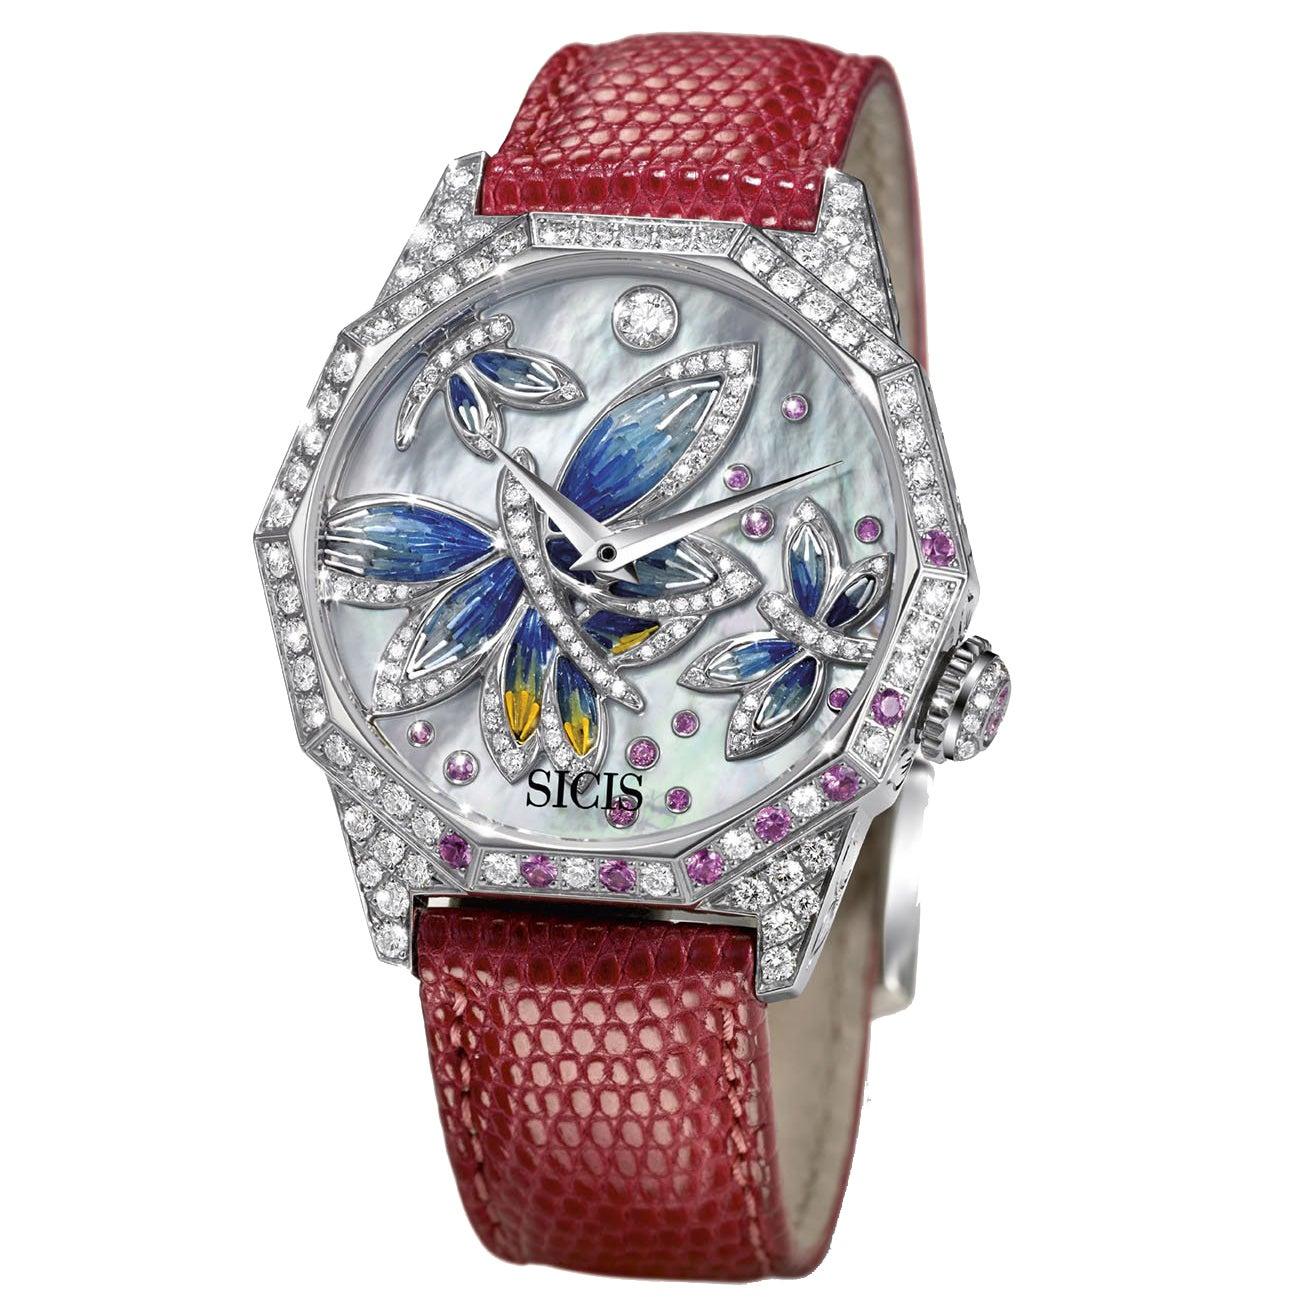 Stylish Automatic Wristwatch White Gold White Diamond Pink Sapphires Micromosaic